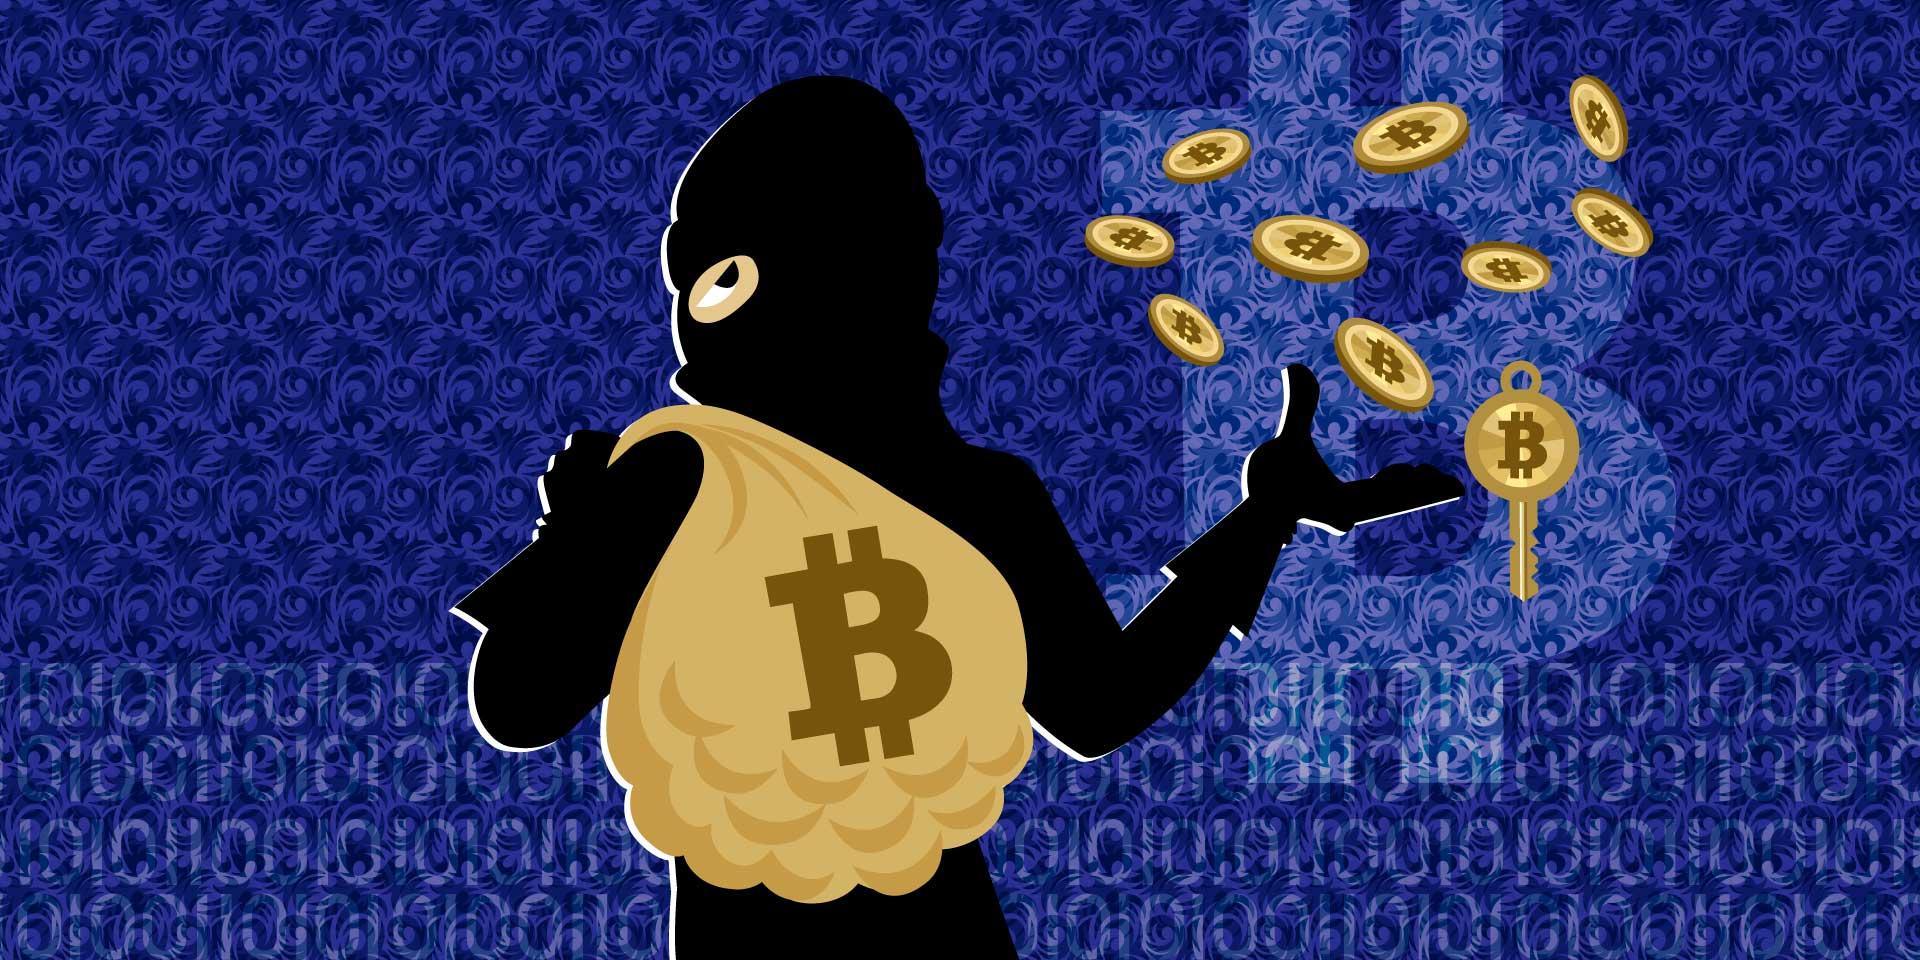 Binance Hackers Move $8 Million Worth of Stolen Bitcoin